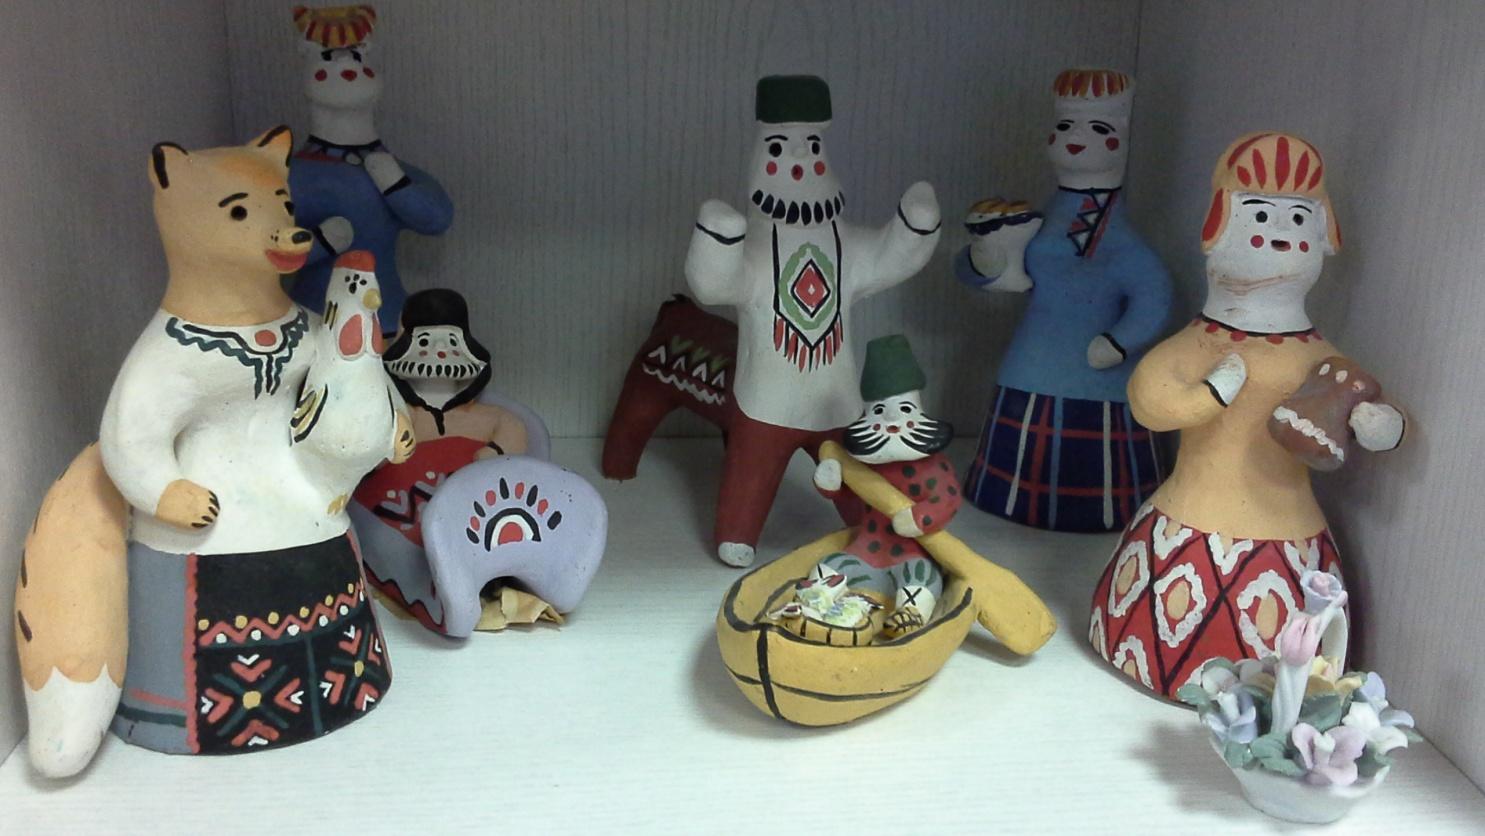 каргопольская игрушка картинки с названиями